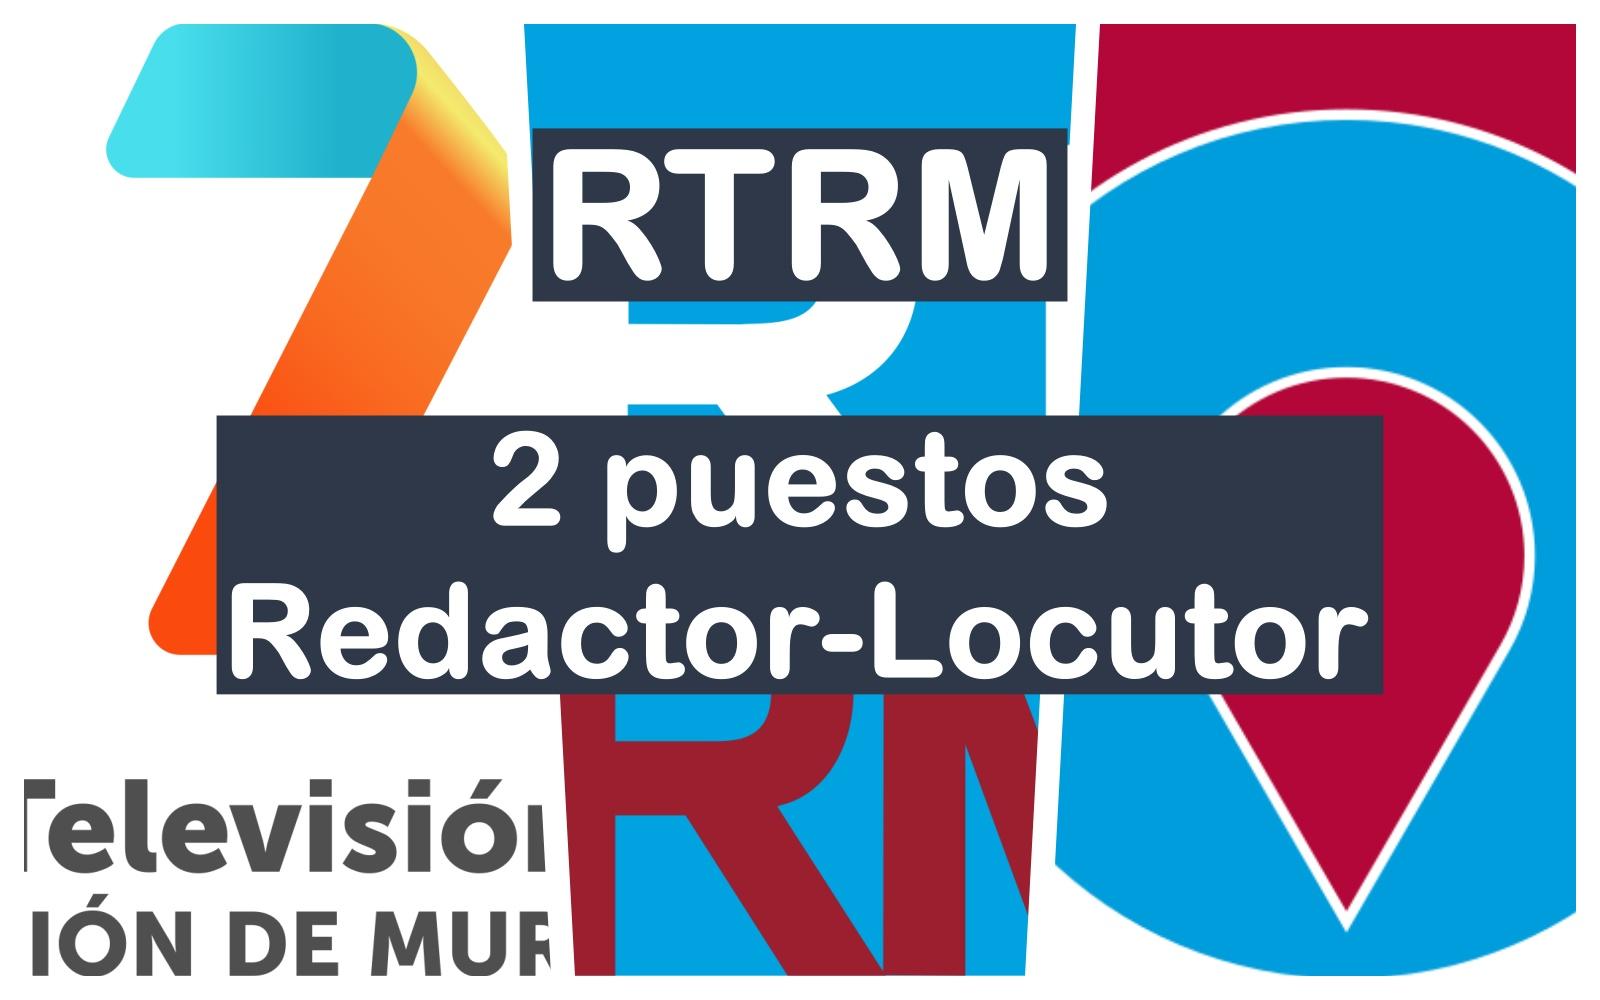 2 puestos de redactor-locutor en RTRM